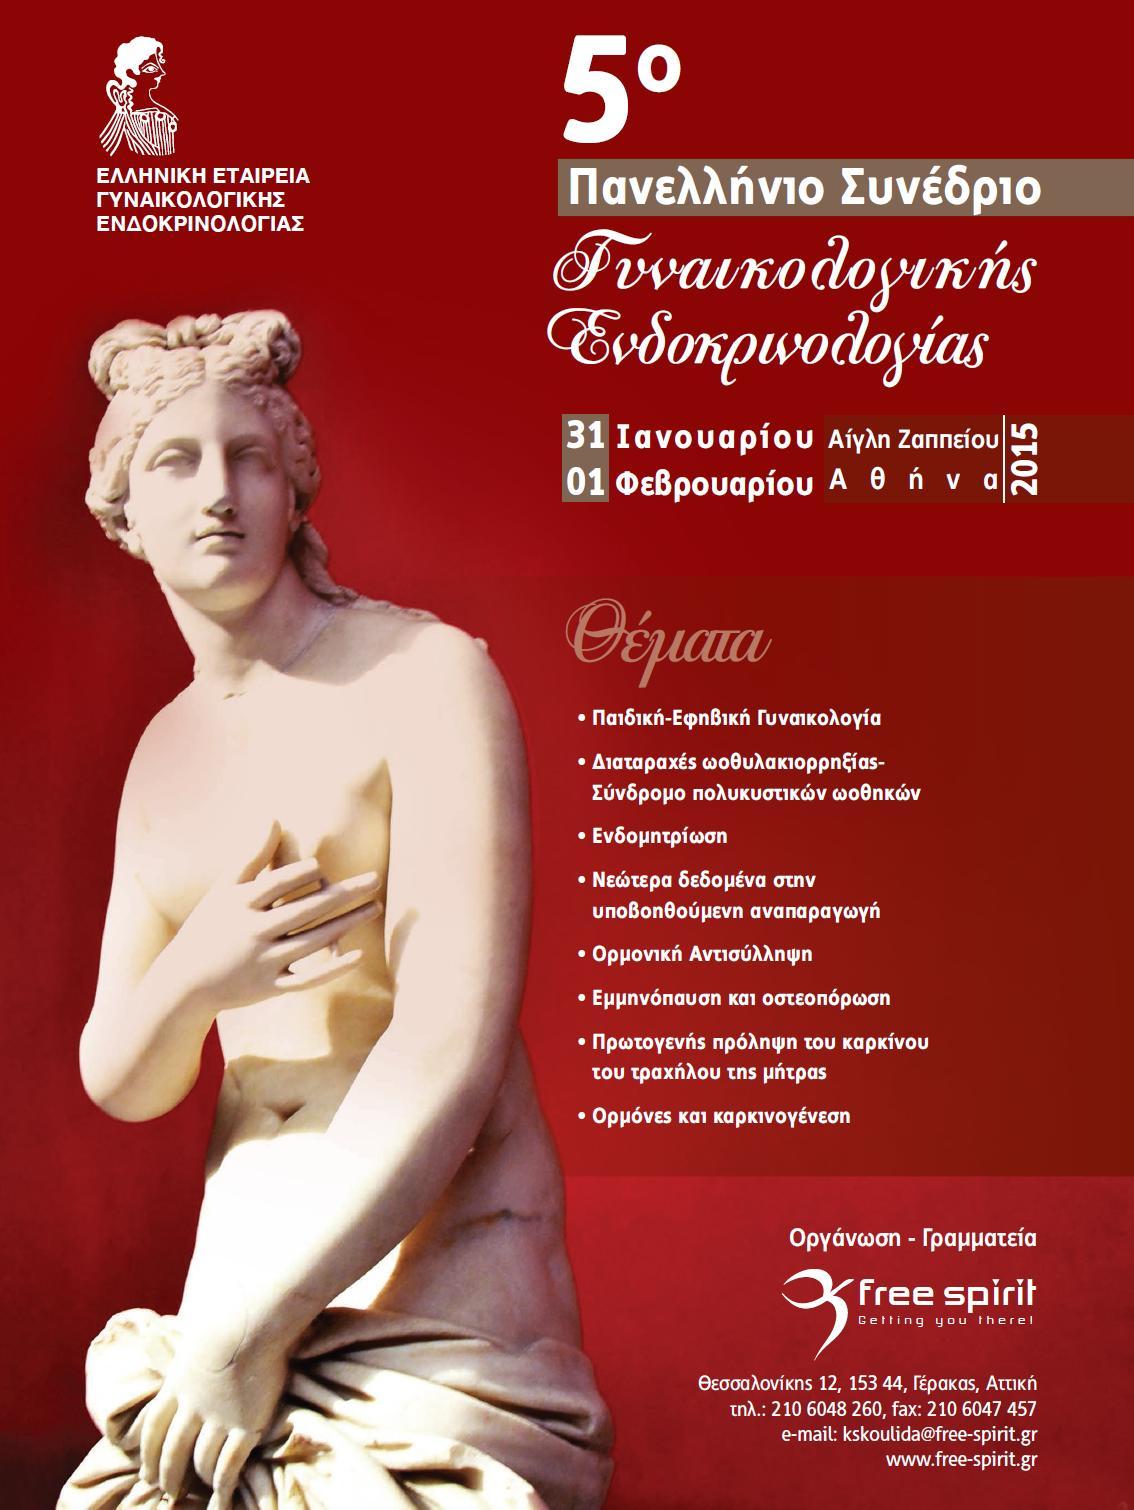 5ο Πανελλήνιο Συνέδριο Ελληνικής Εταιρείας Γυναικολογικής Ενδοκρινολογίας